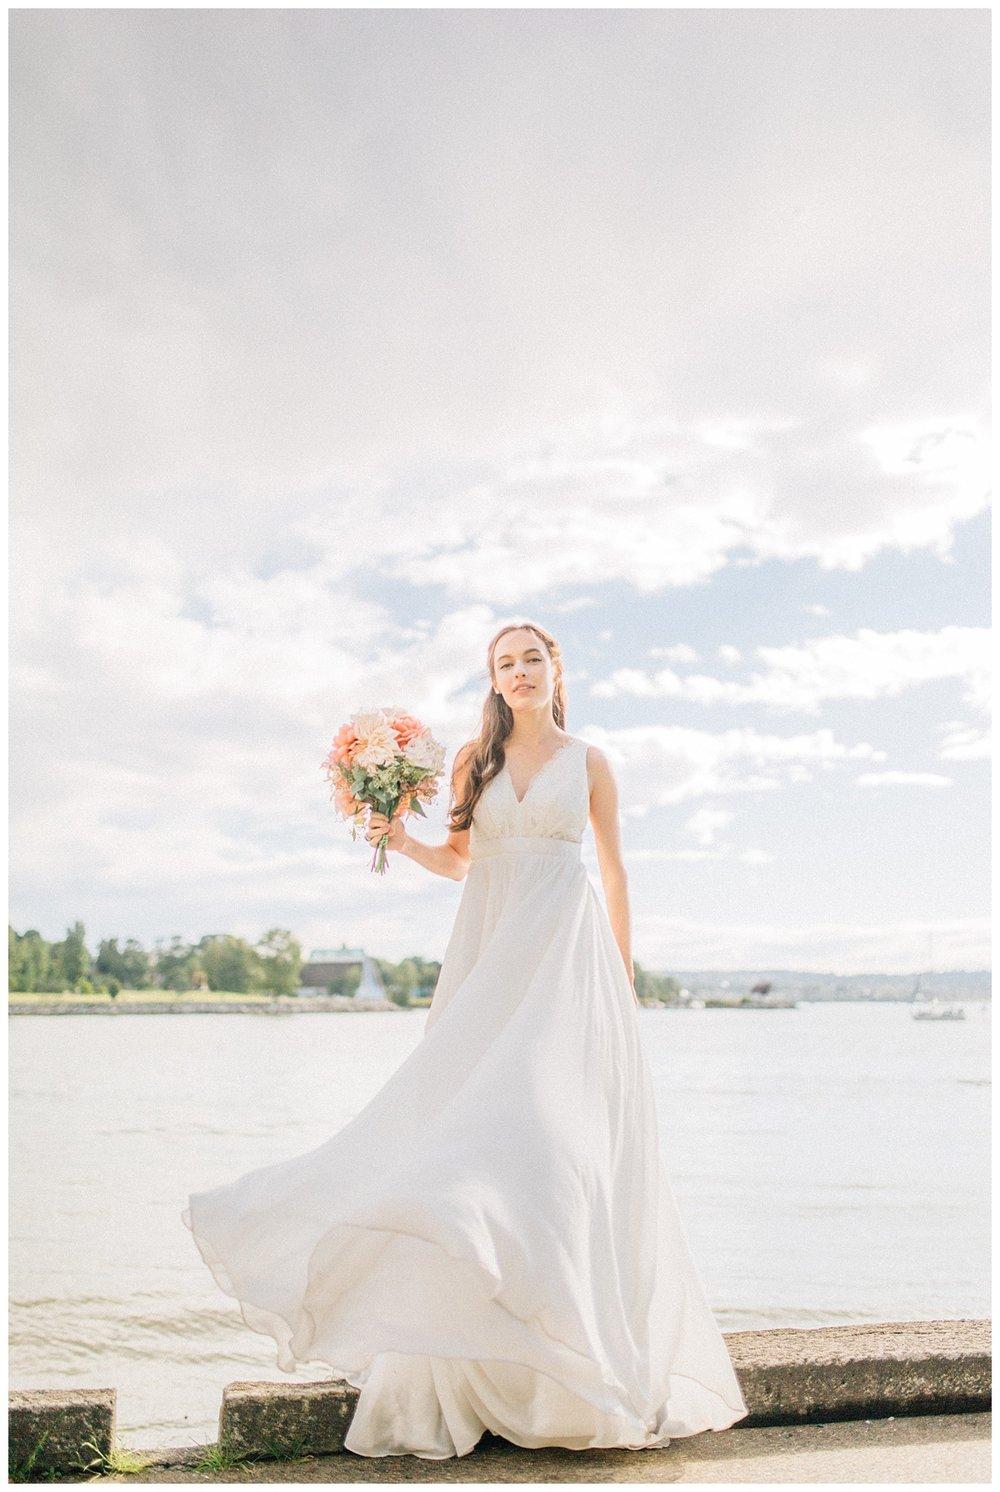 Hong Kong Fine Art Wedding Prewedding Photographer Mattie C. 00012.jpg